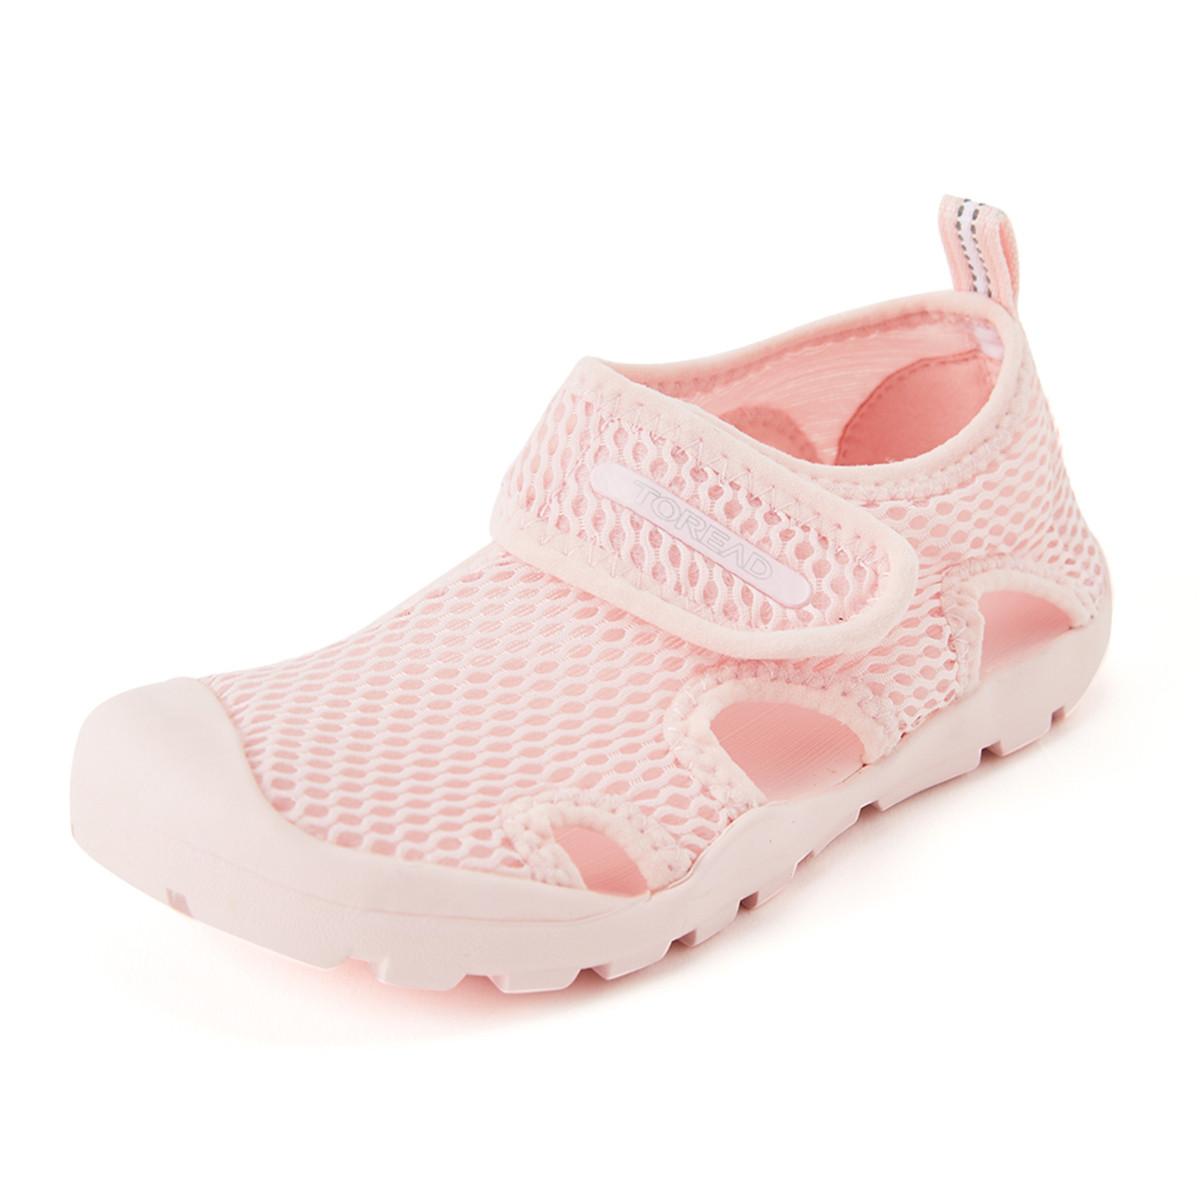 TOREAD 探路者 儿童网布凉鞋